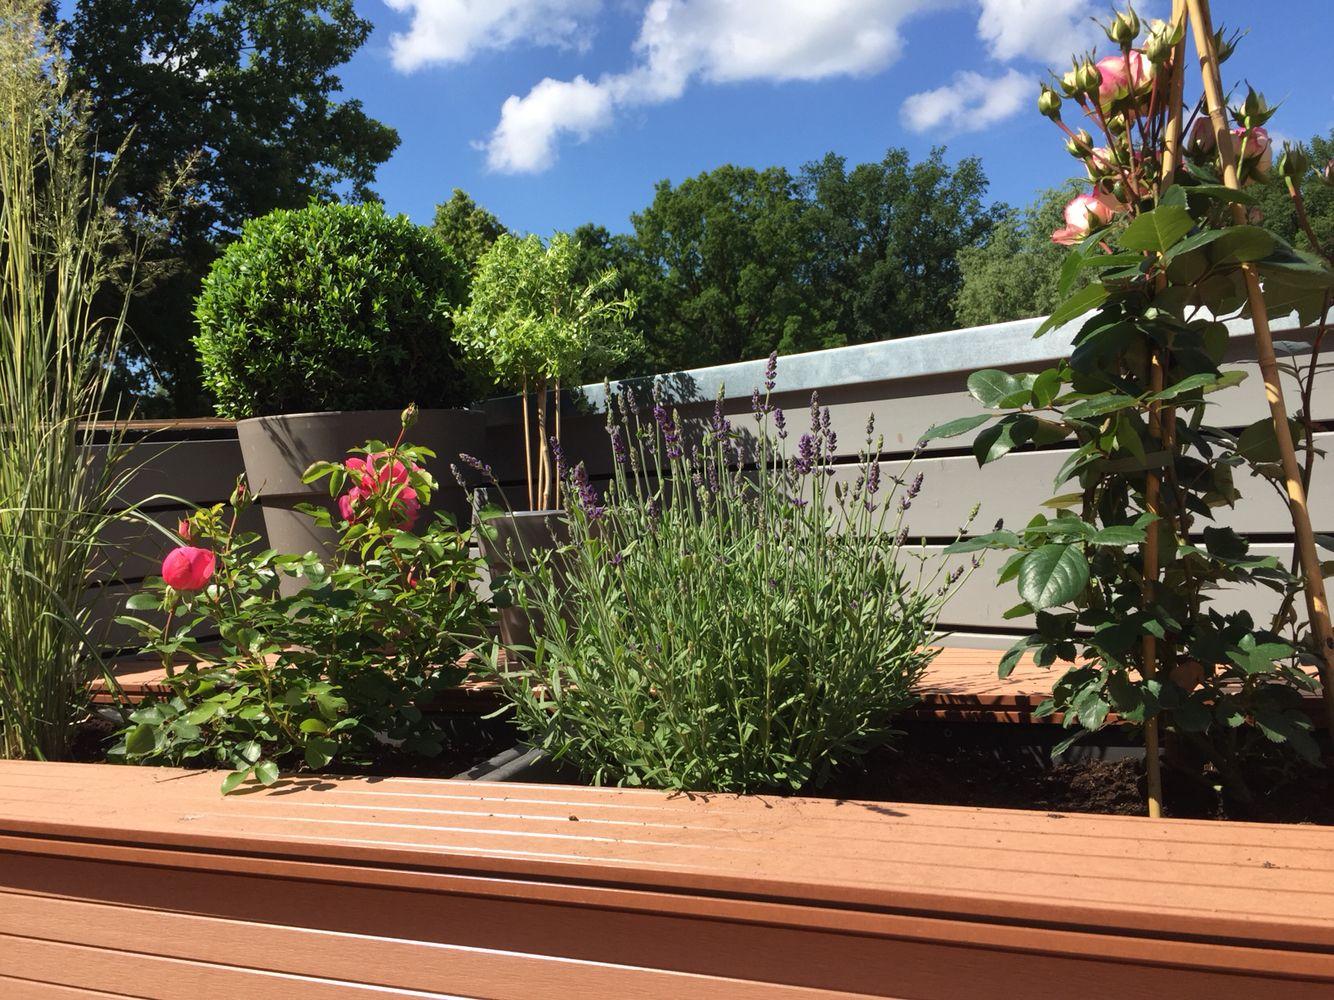 Dachgarten mit Sitzbank und Hochbeet Buchsbäume und Rosen - einfach schön